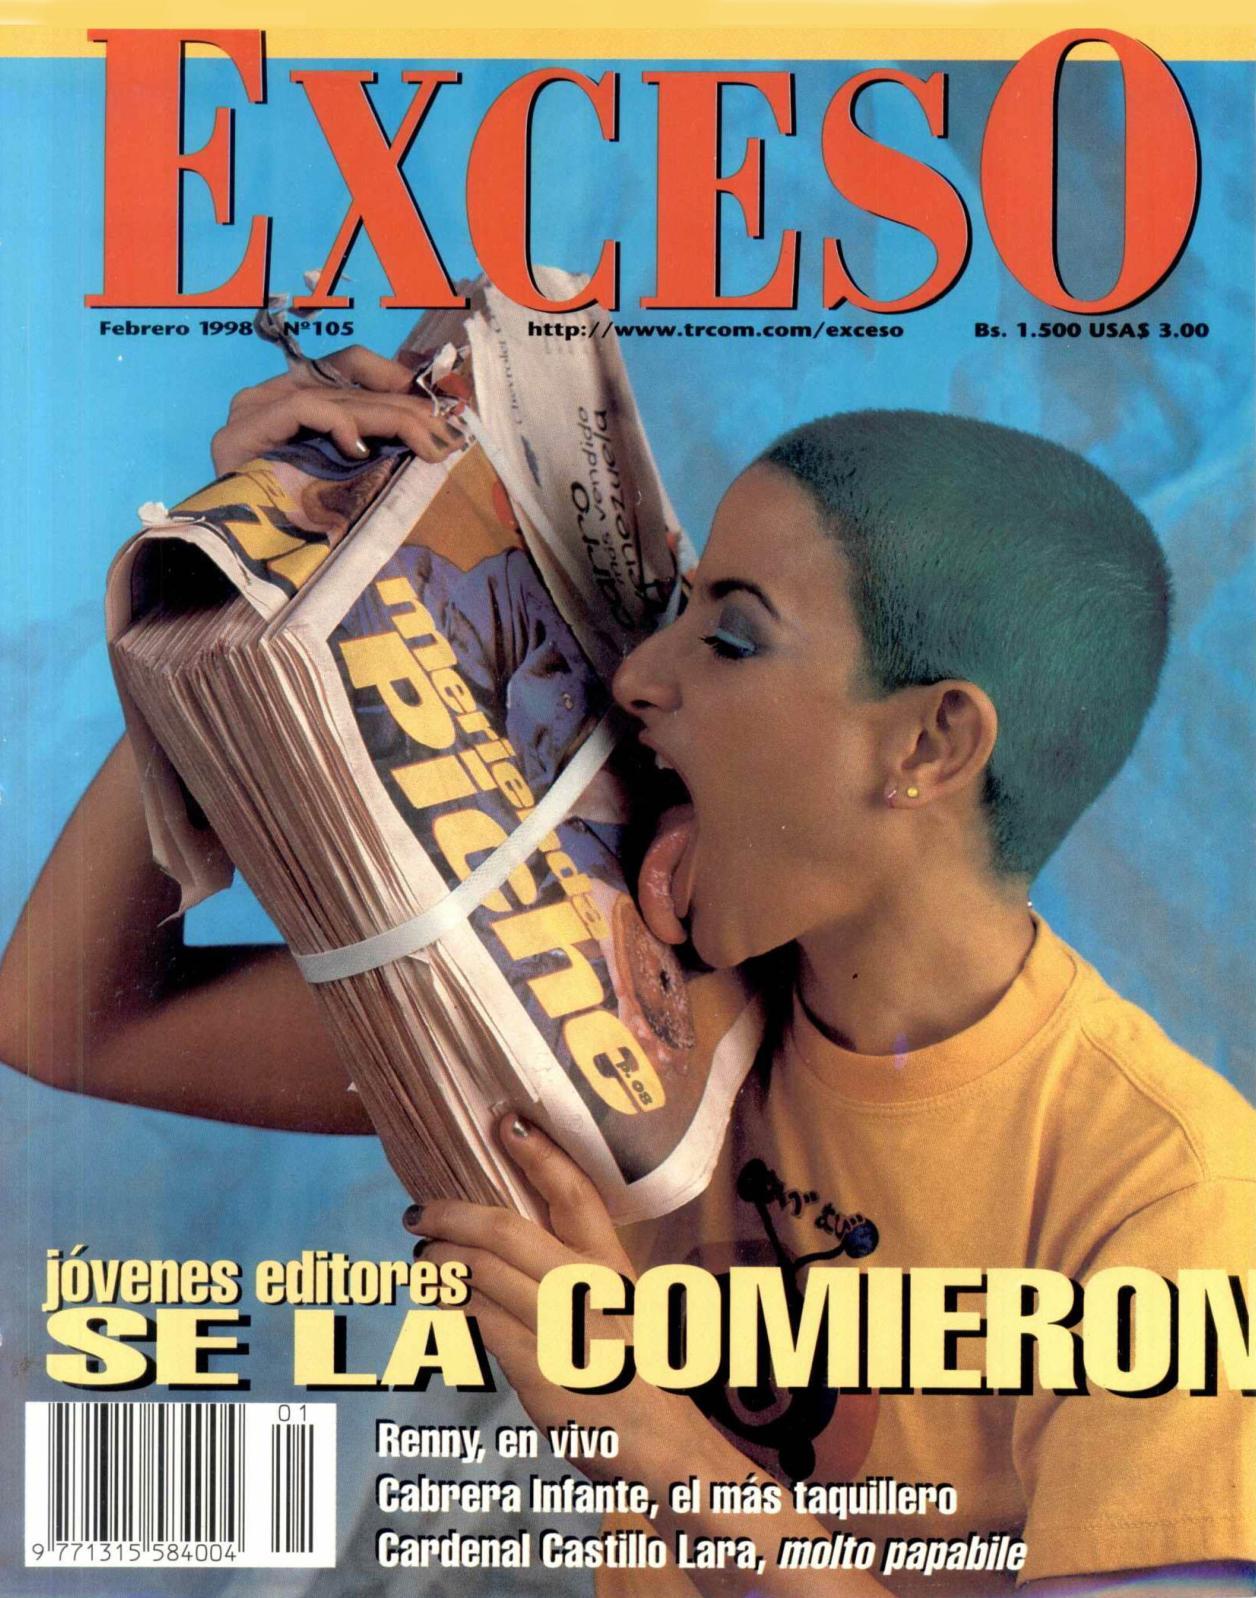 Vintage pulpa portada de la revista Pistola molls reproducción de cartel.